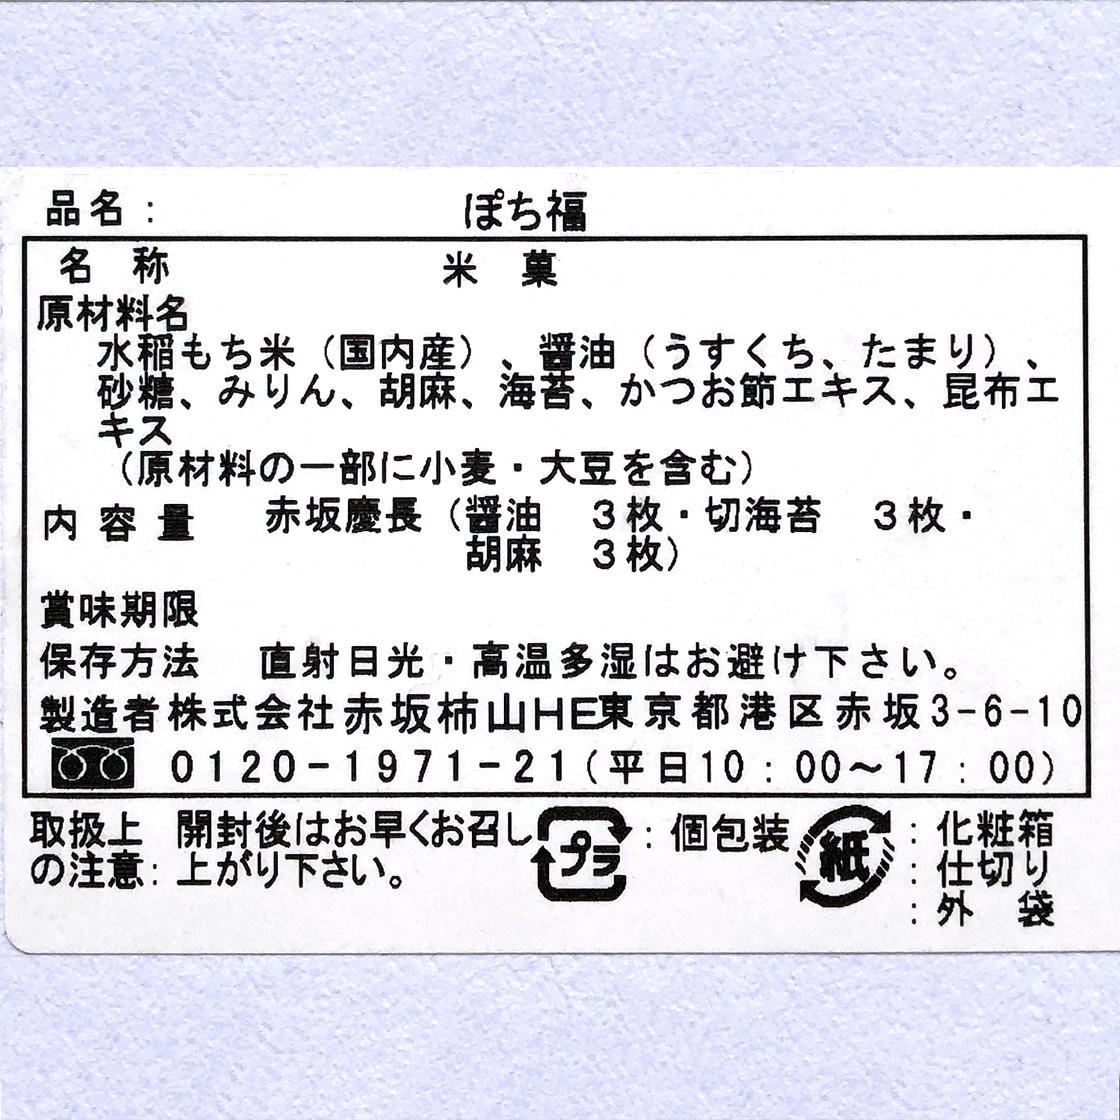 ぽち福[赤坂柿山] 20